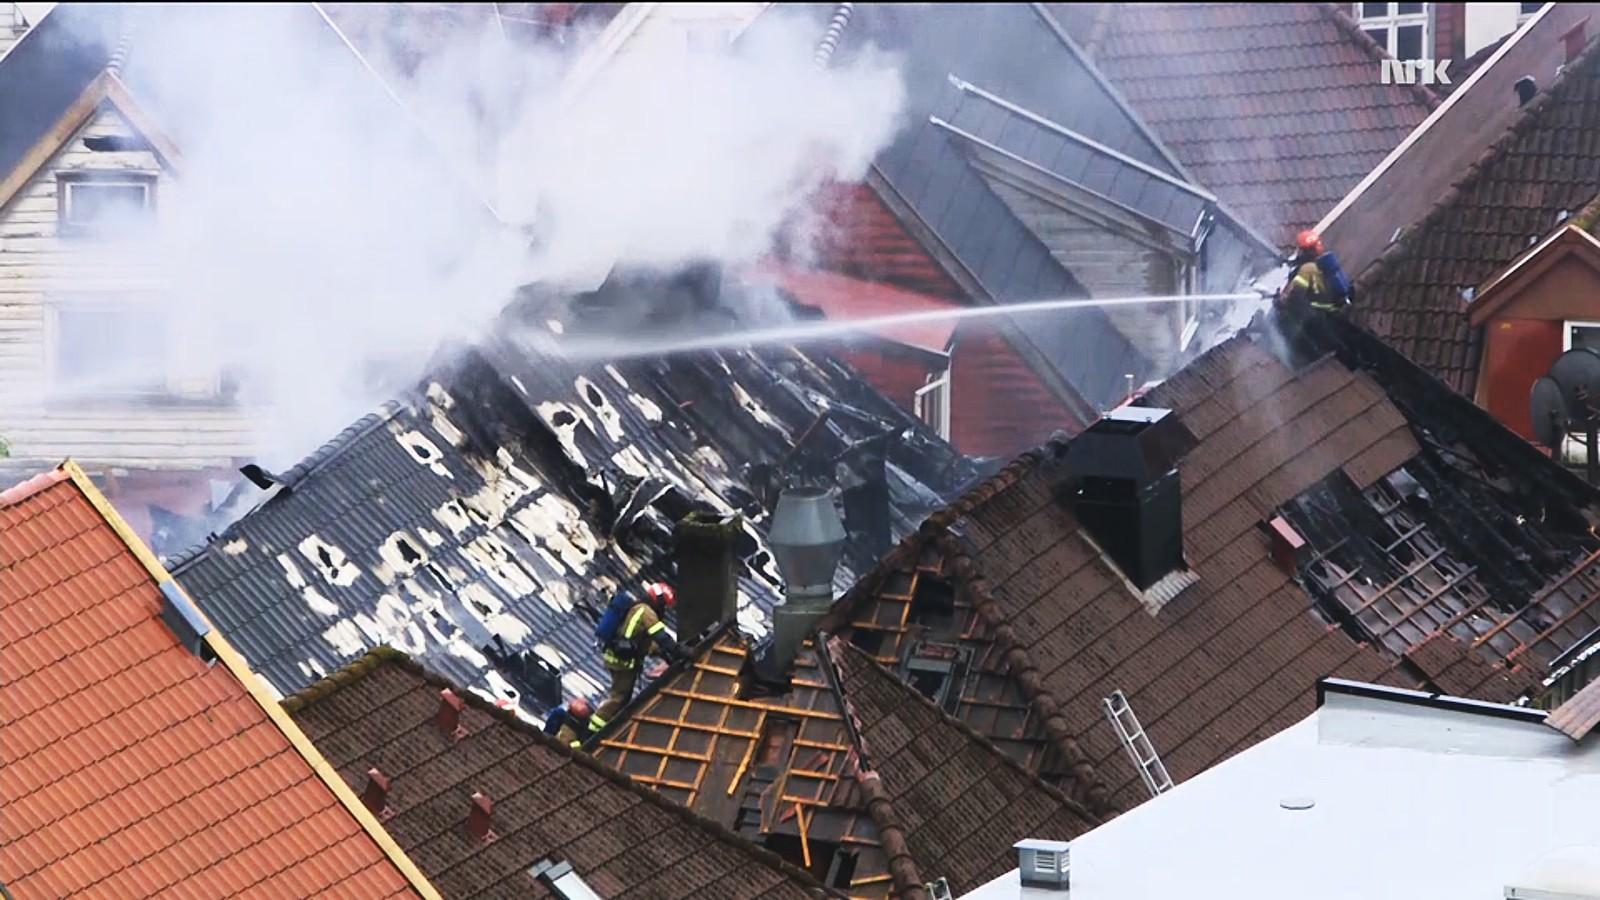 Cirka klokken 07.20 var brannen under kontroll, meldte brannvesenet.